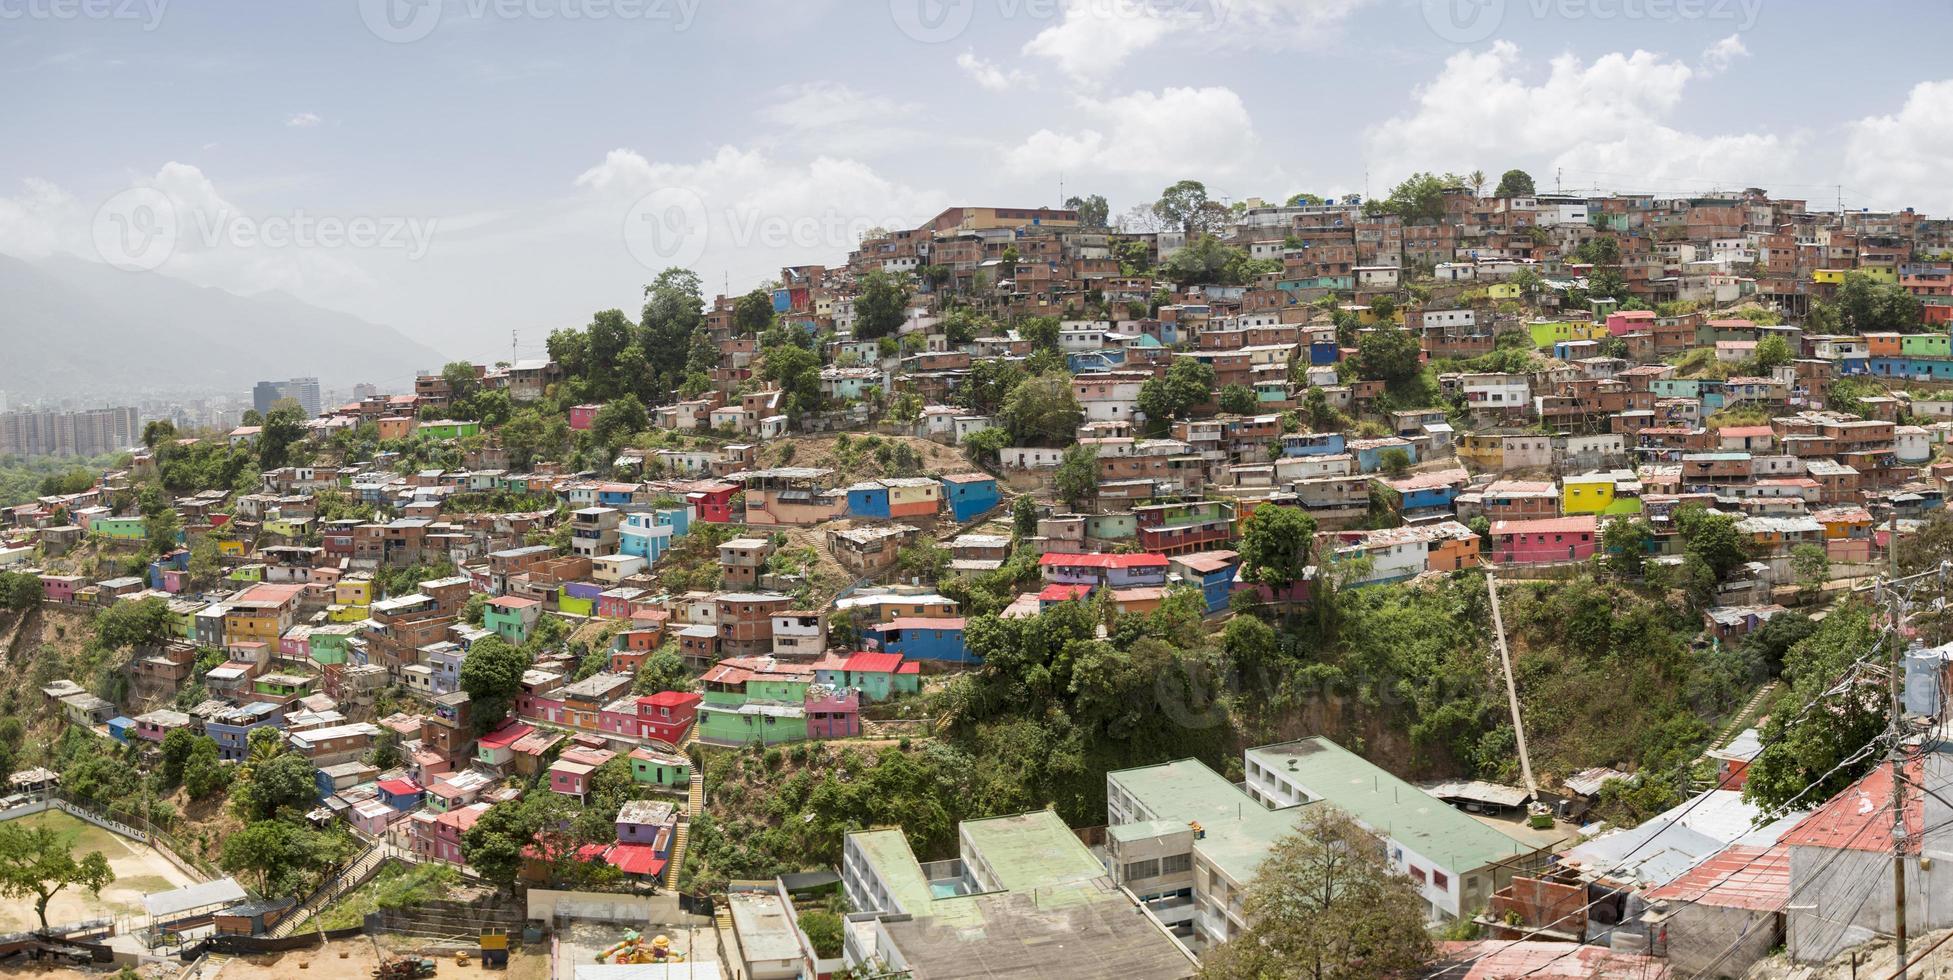 bidonville de caracas avec de petites maisons en bois de couleur photo